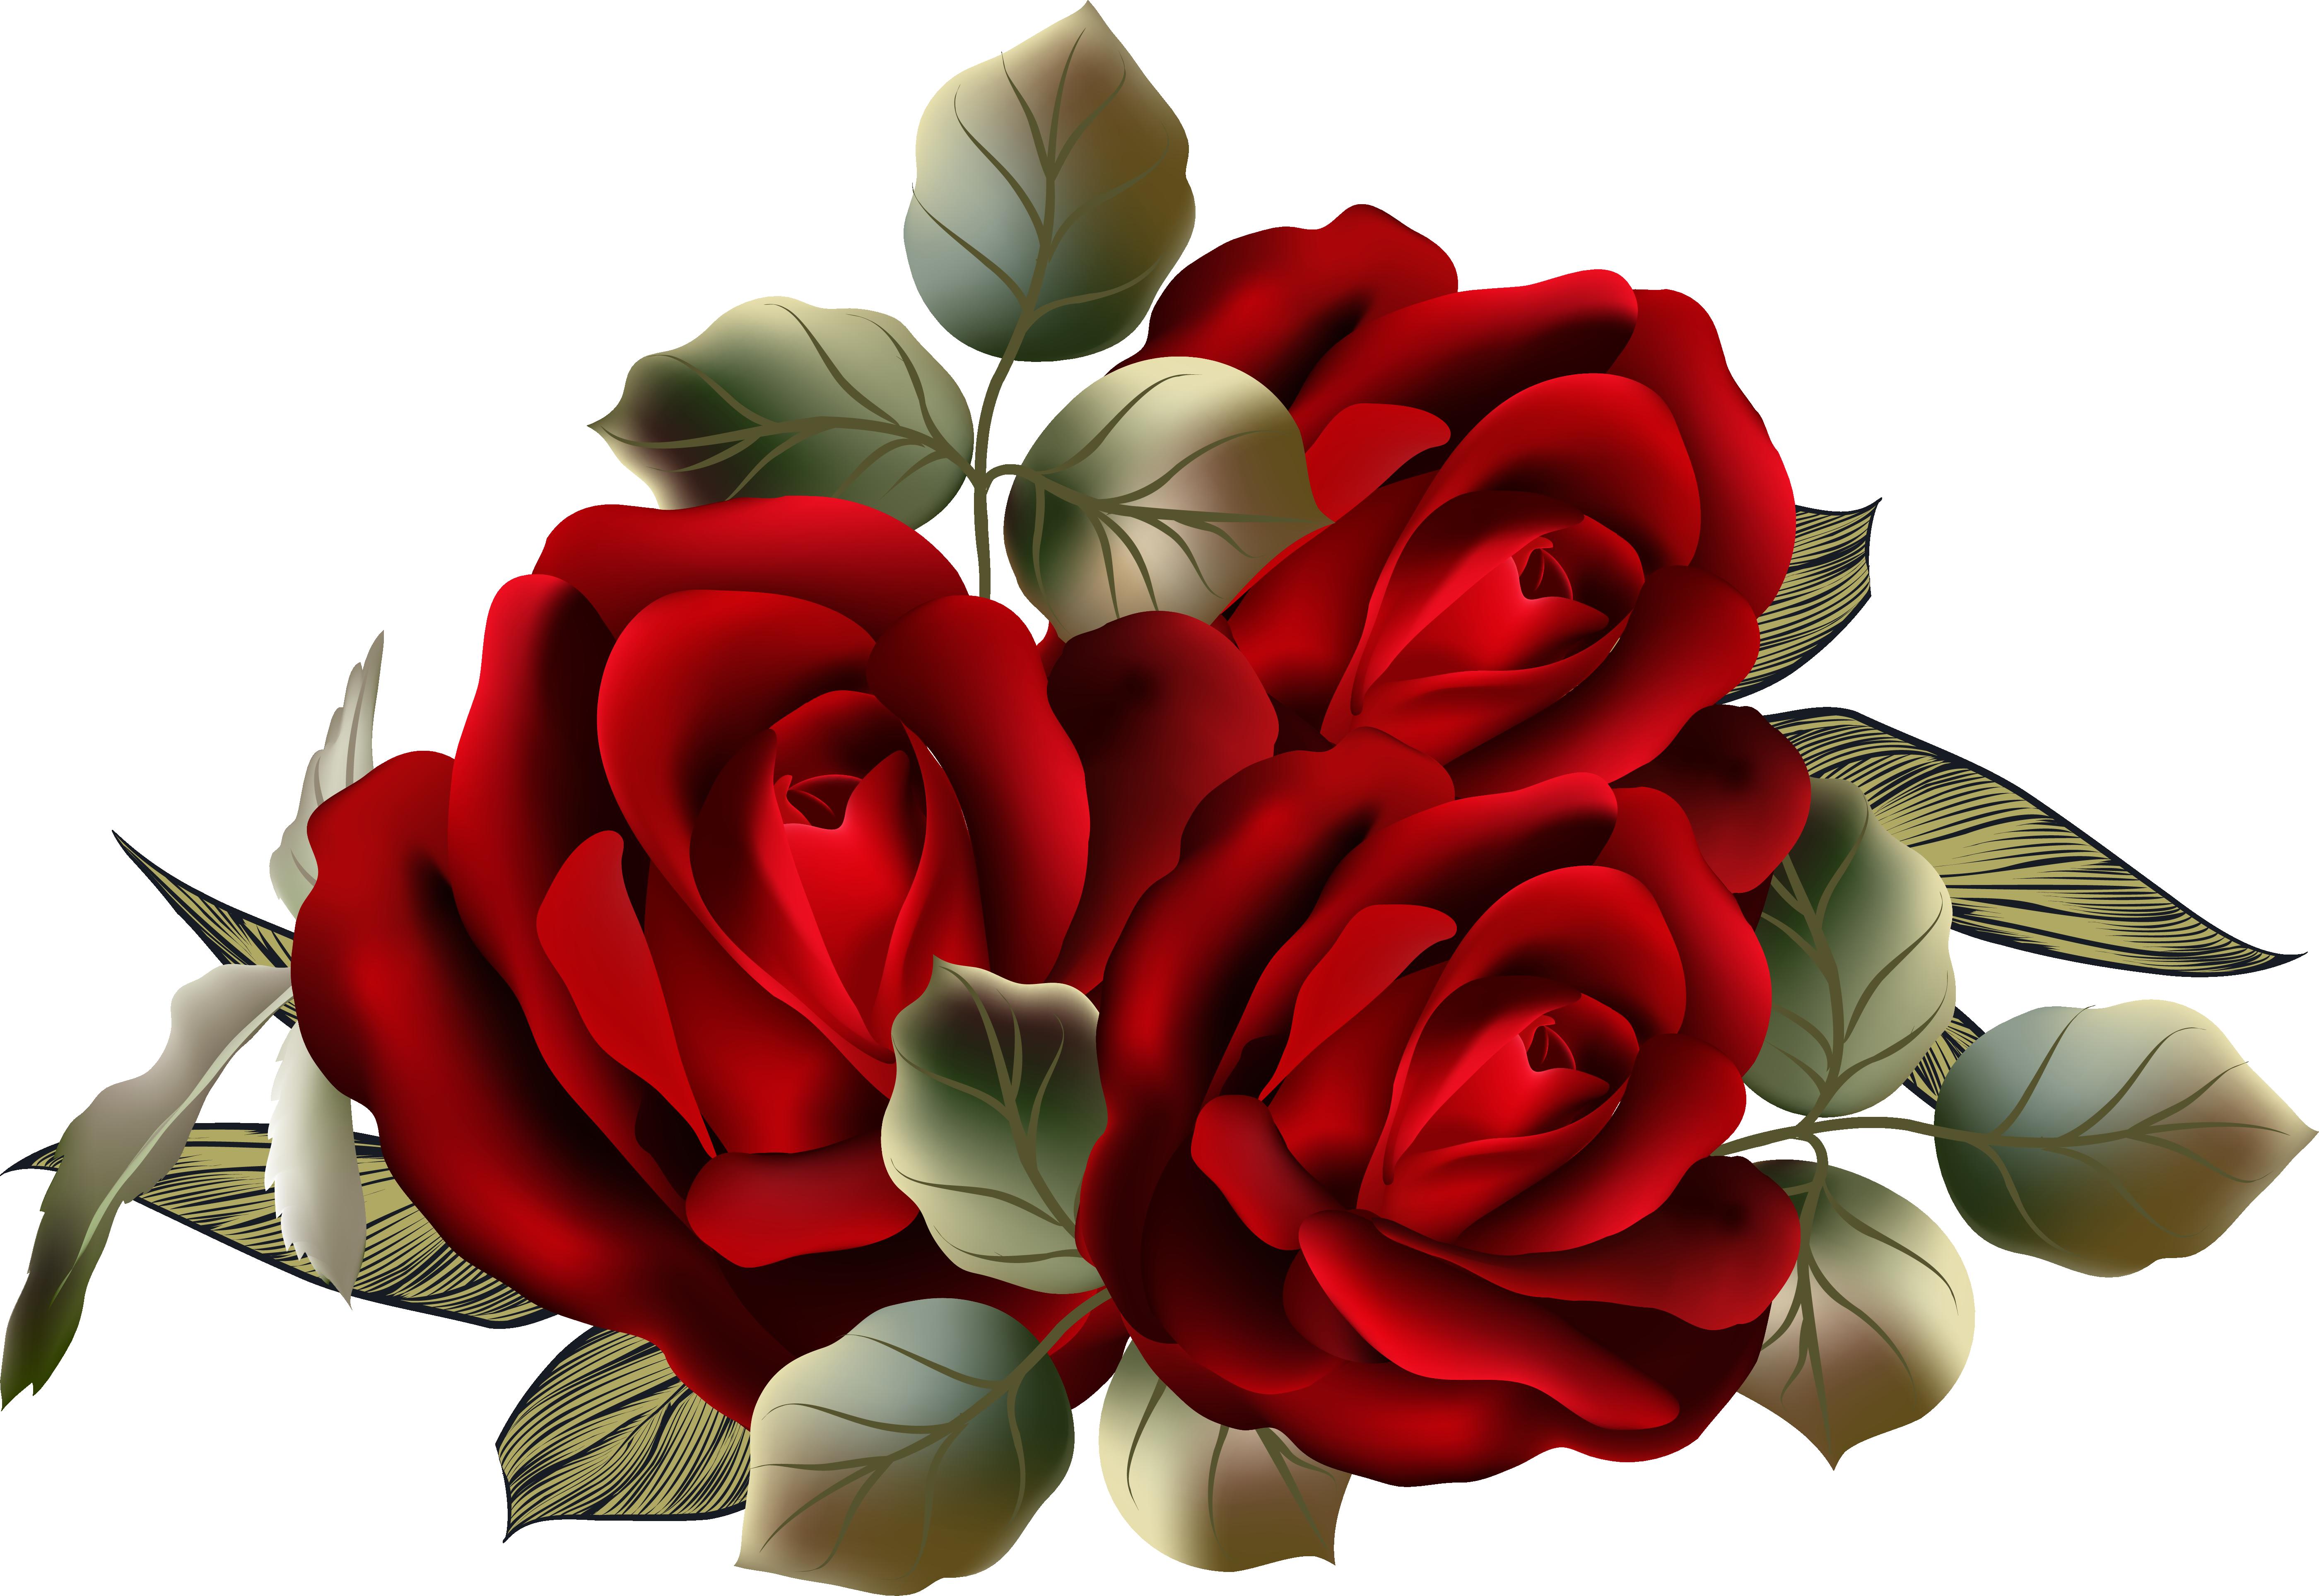 Розы картинки клипарт